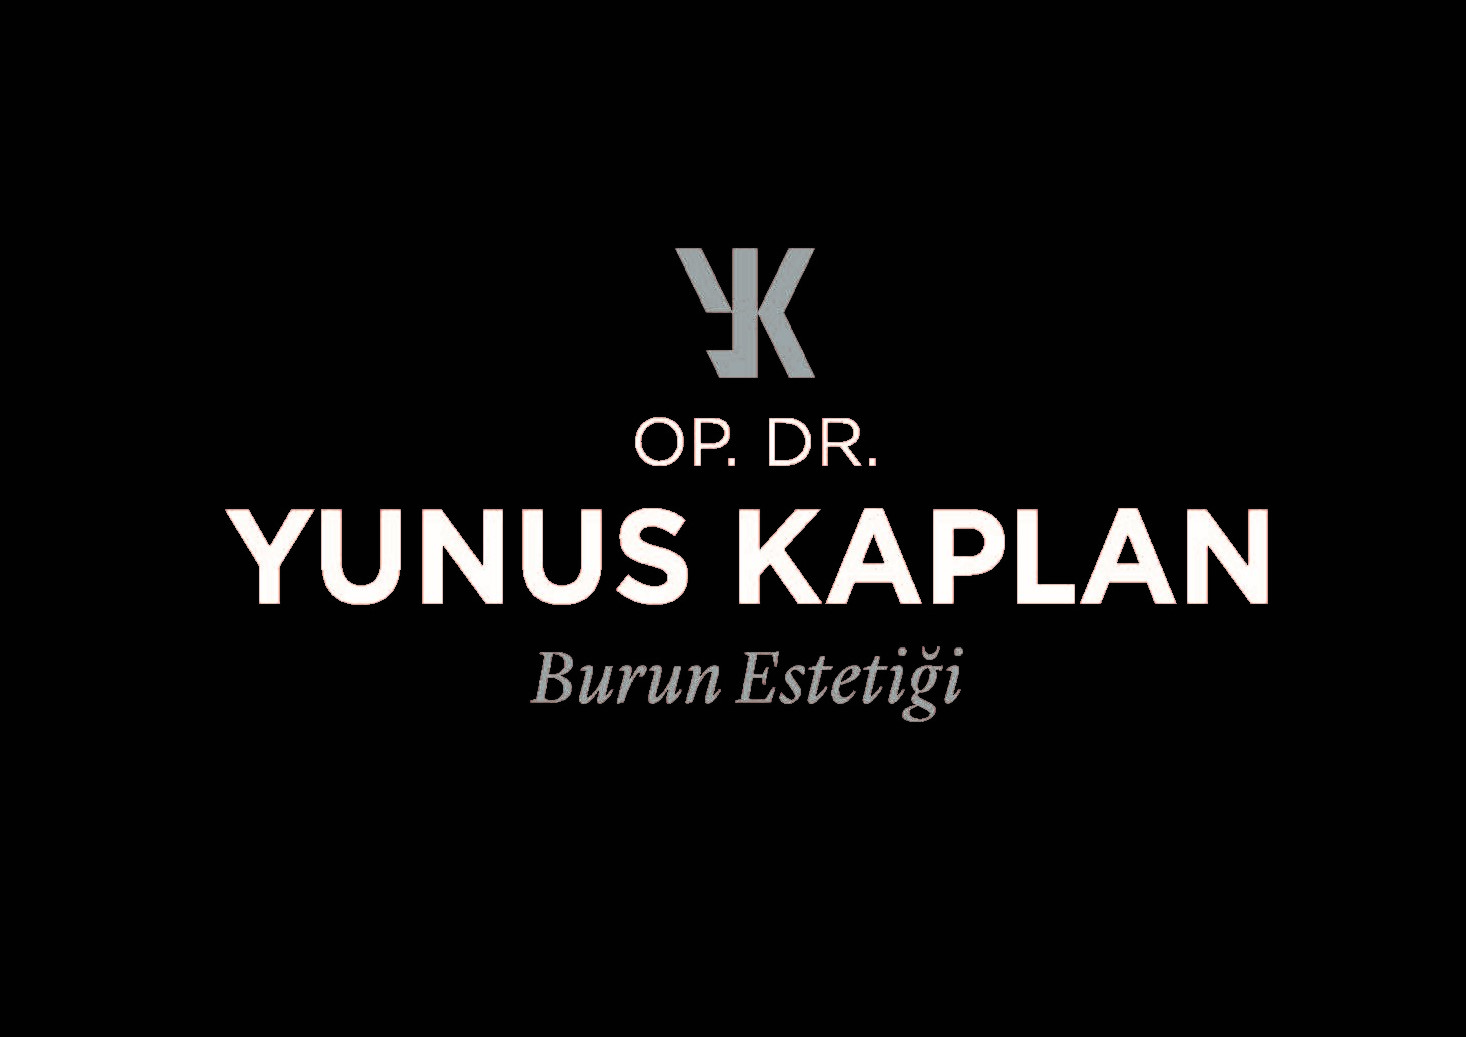 Op. Dr. Yunus Kaplan